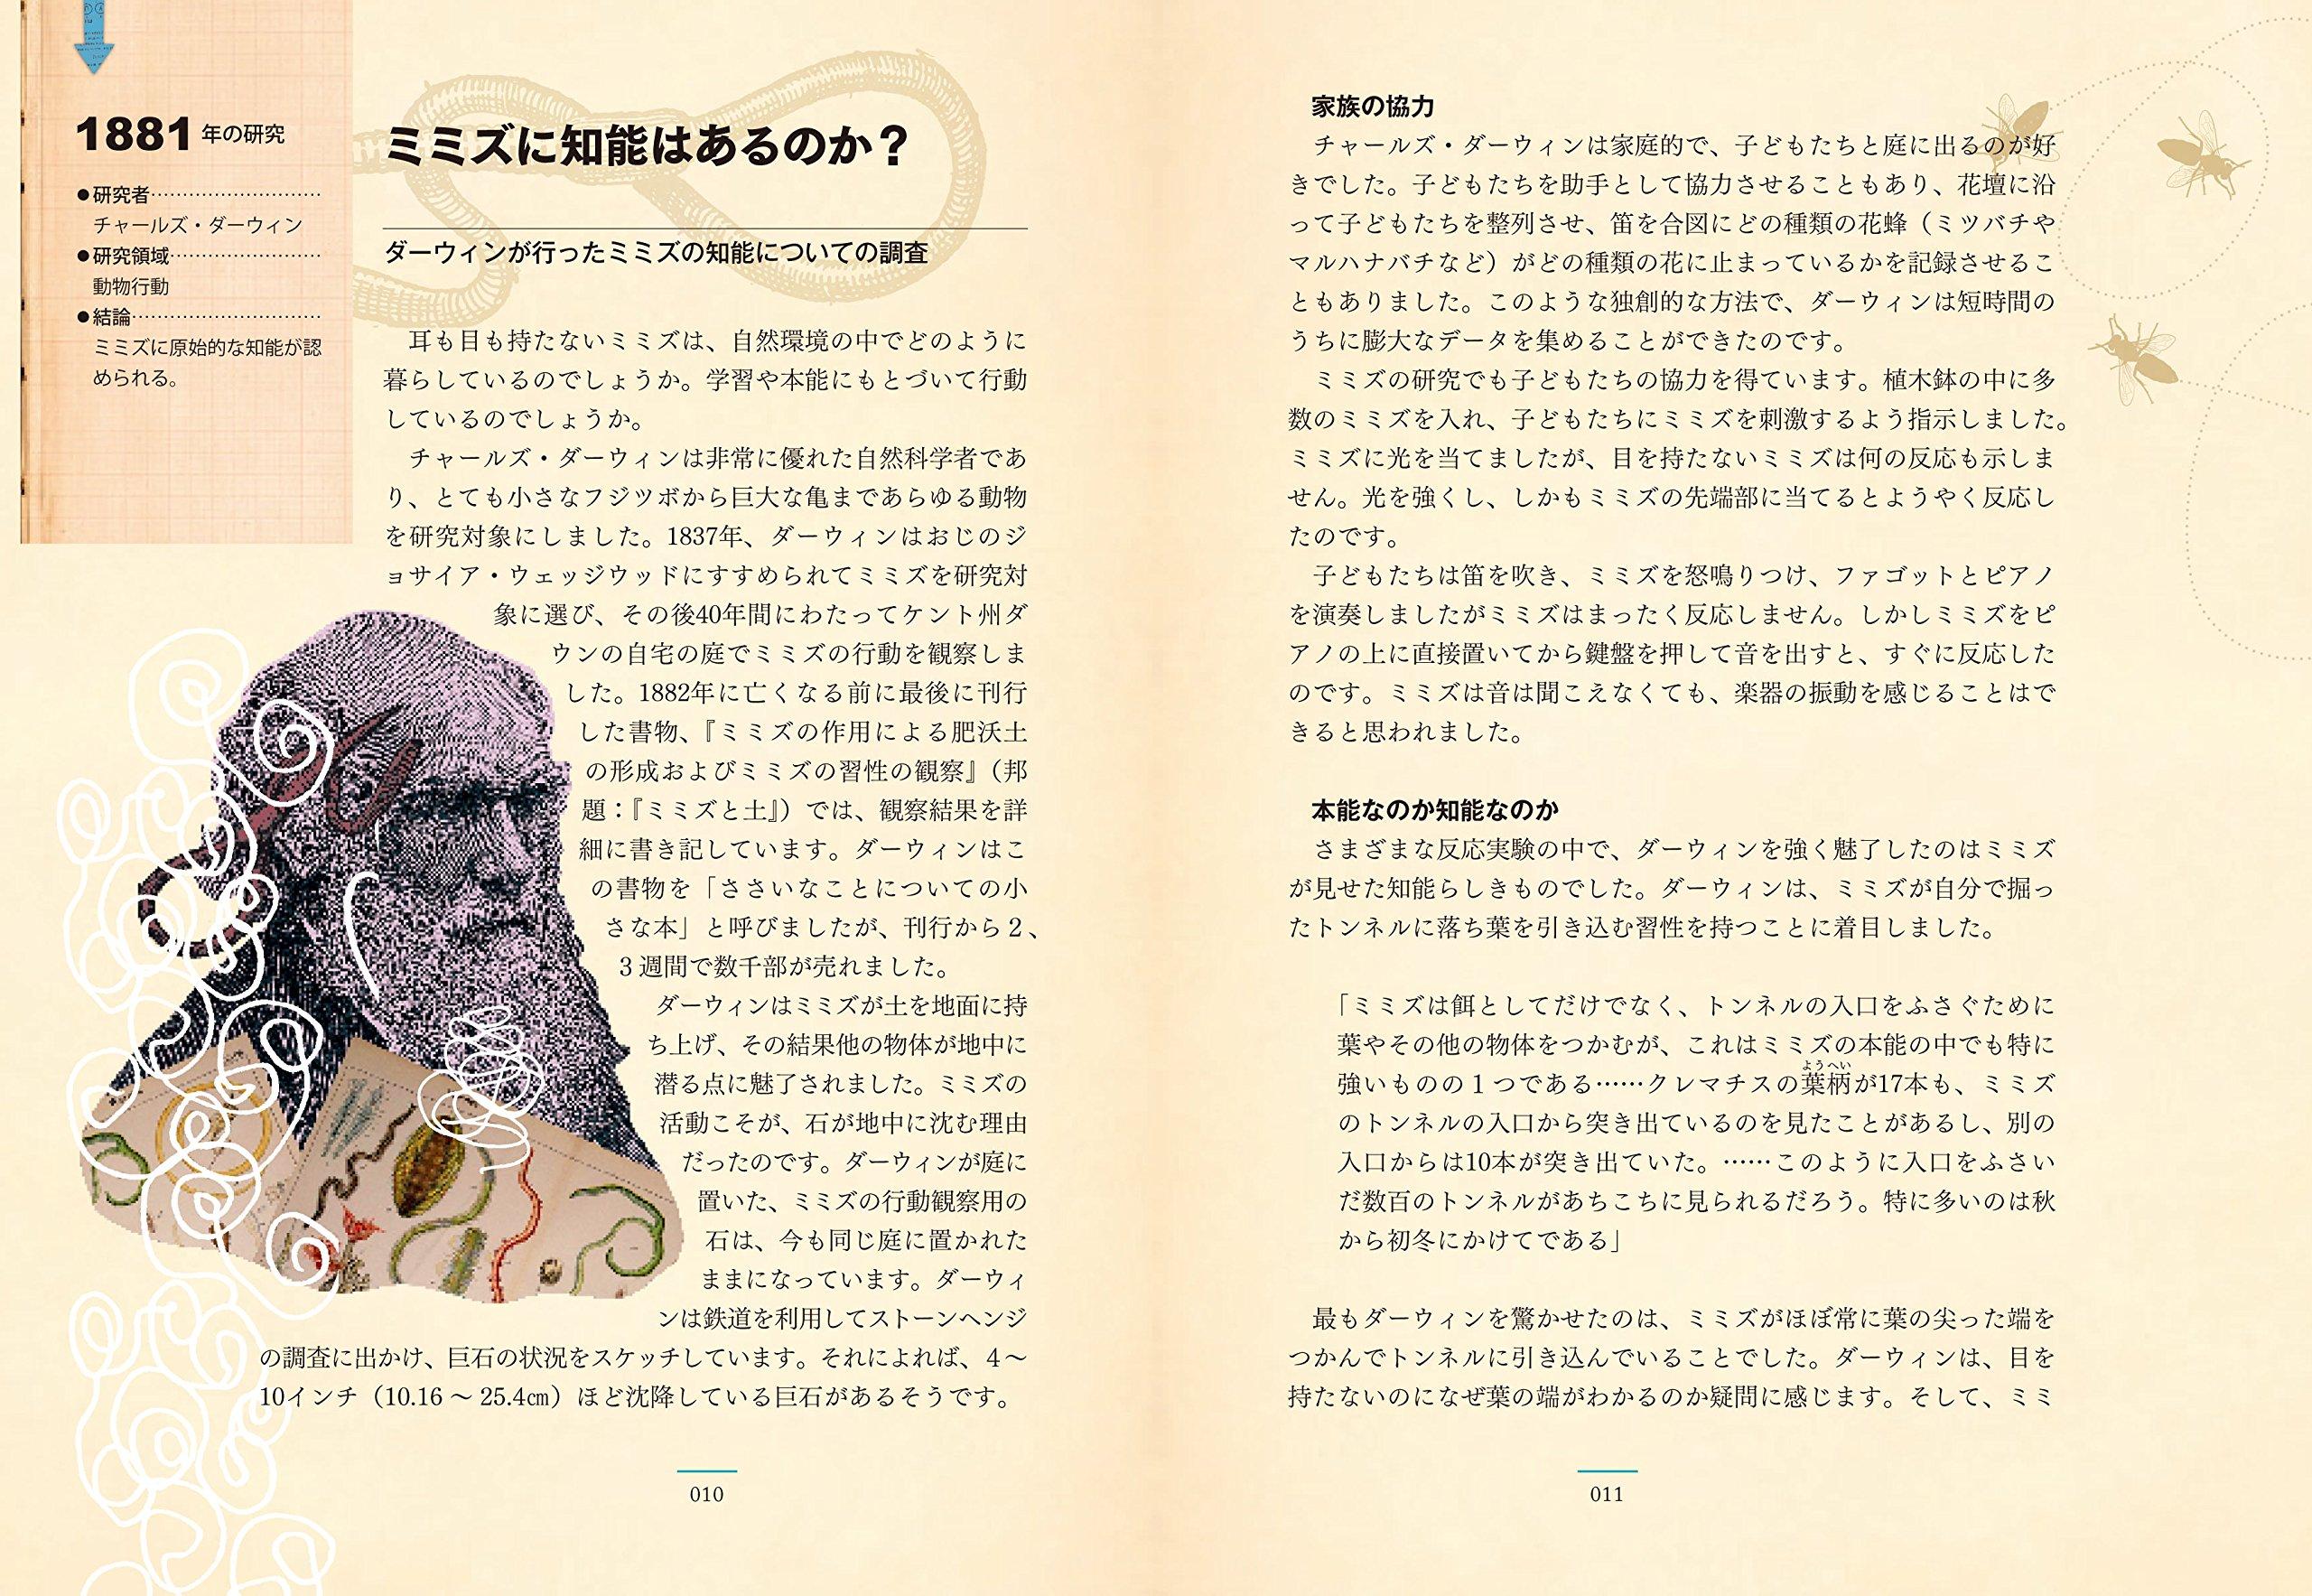 『パブロフの犬:実験でたどる心理学の歴史』見開きイメージ